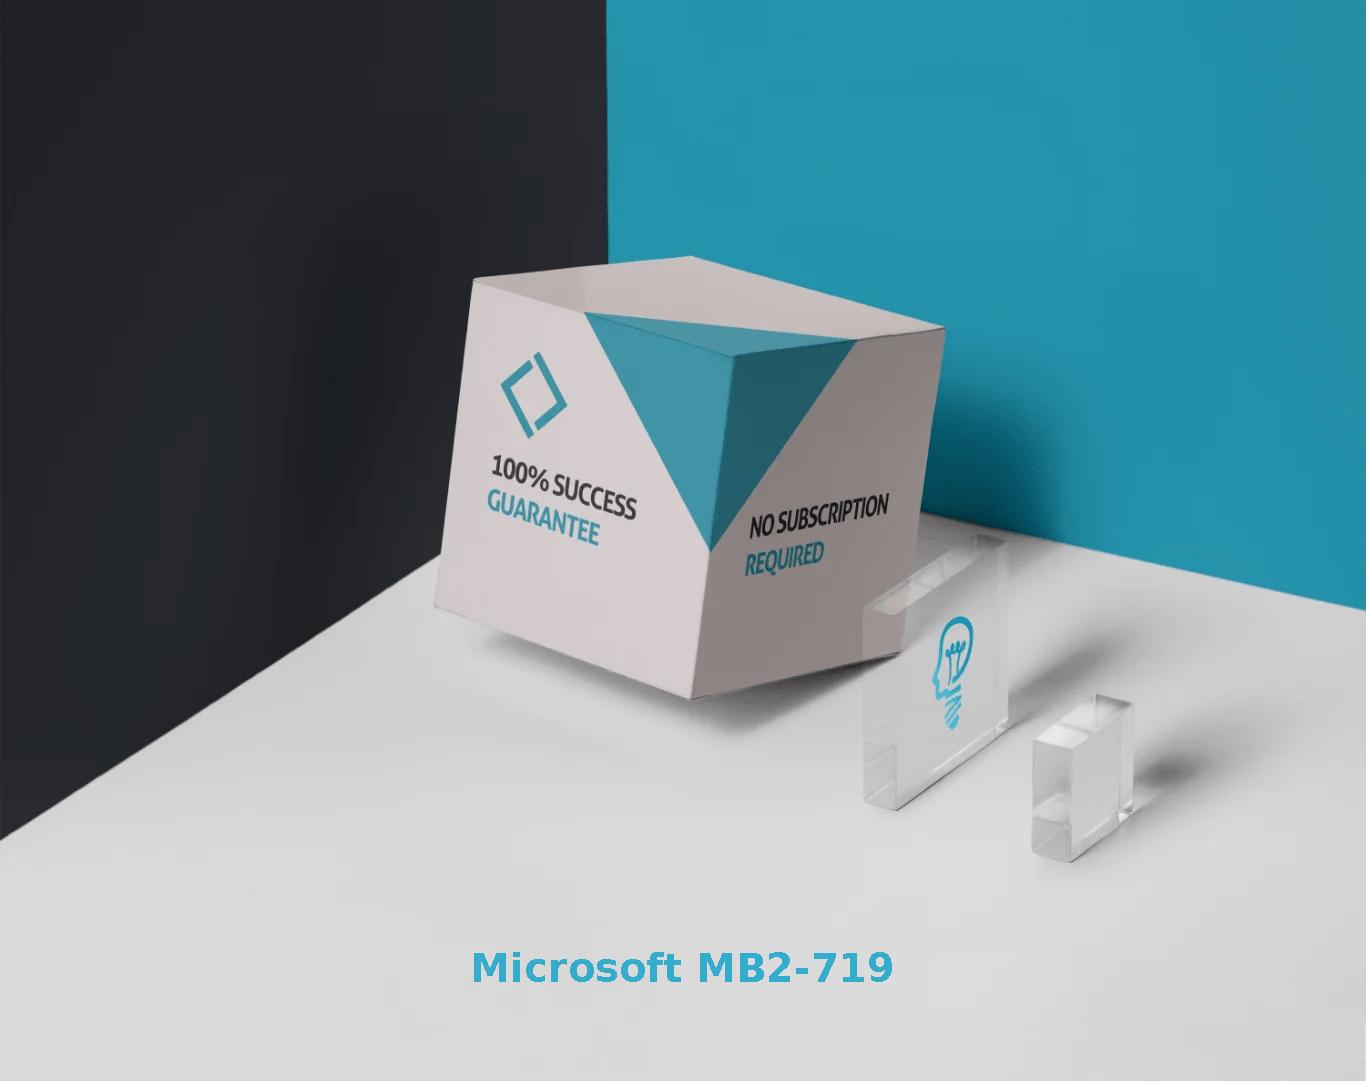 MB2-719 Dumps